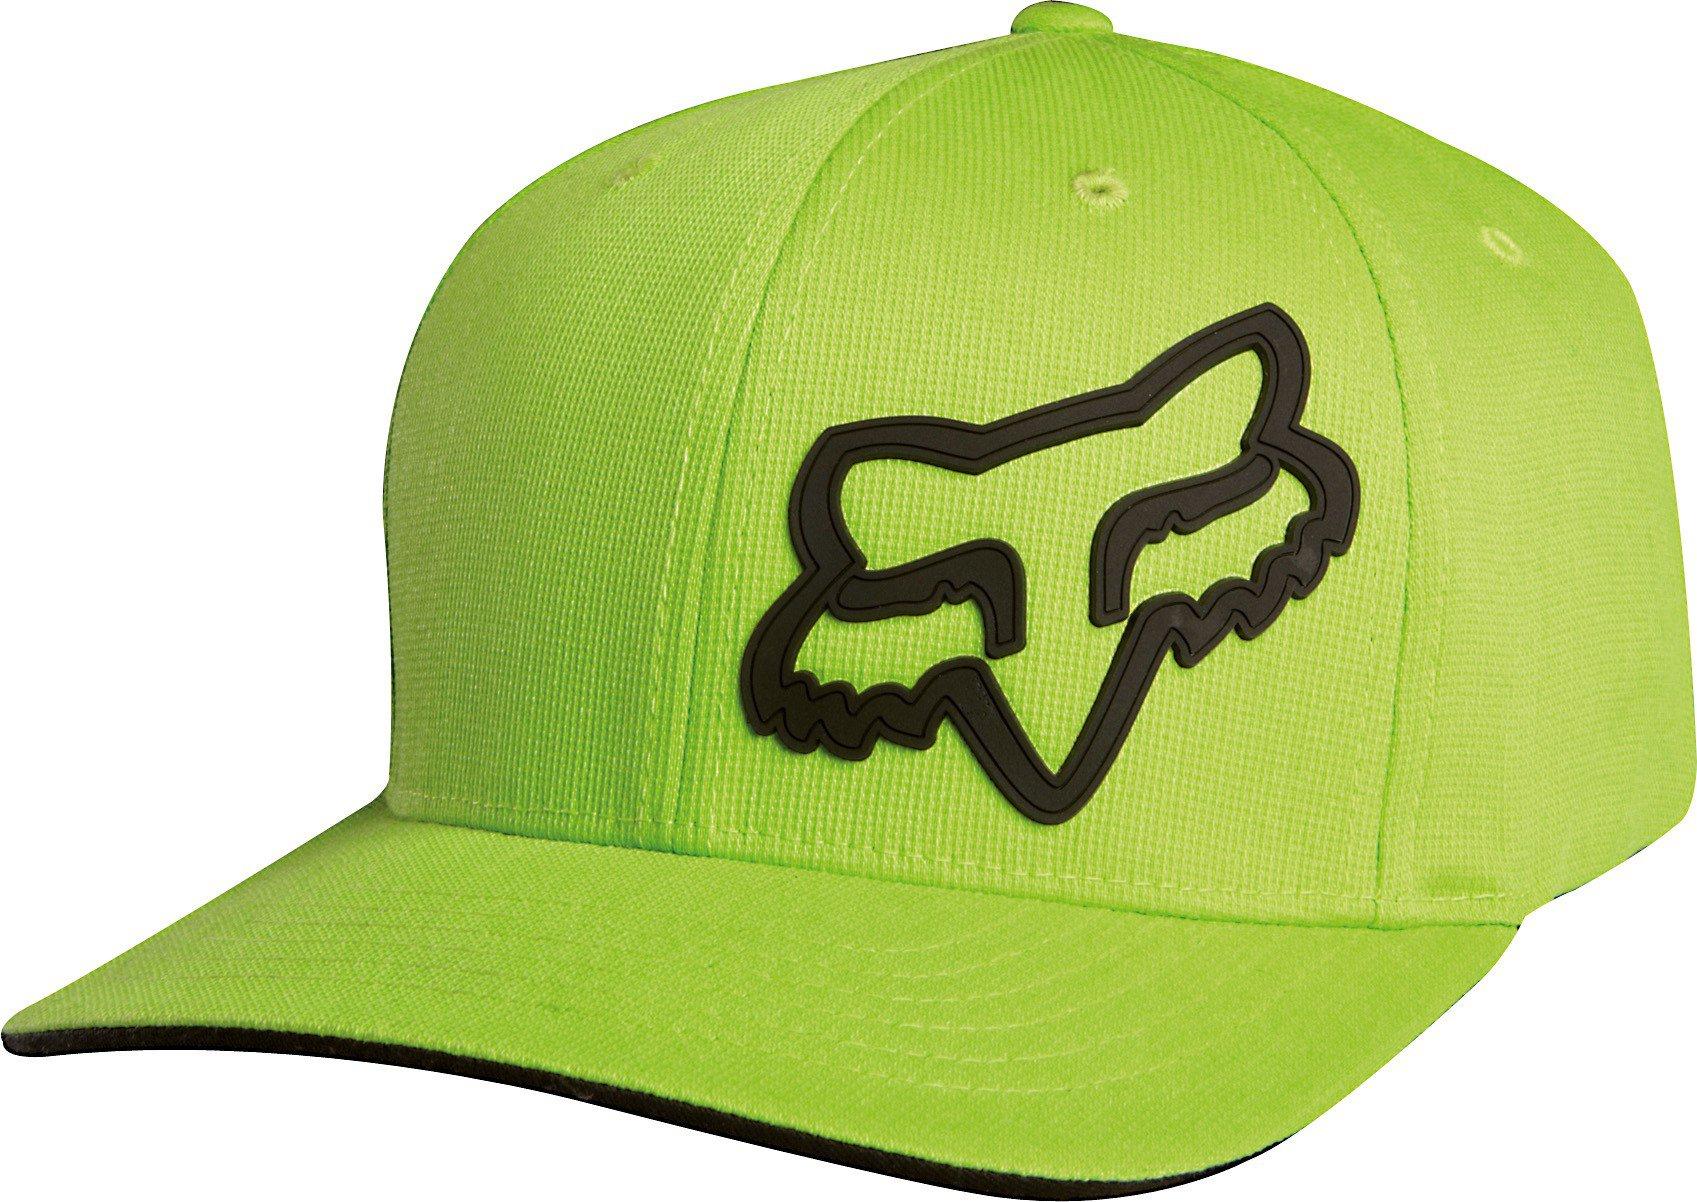 Čepice/Kšiltovka FOX Flexfit Signature zelená